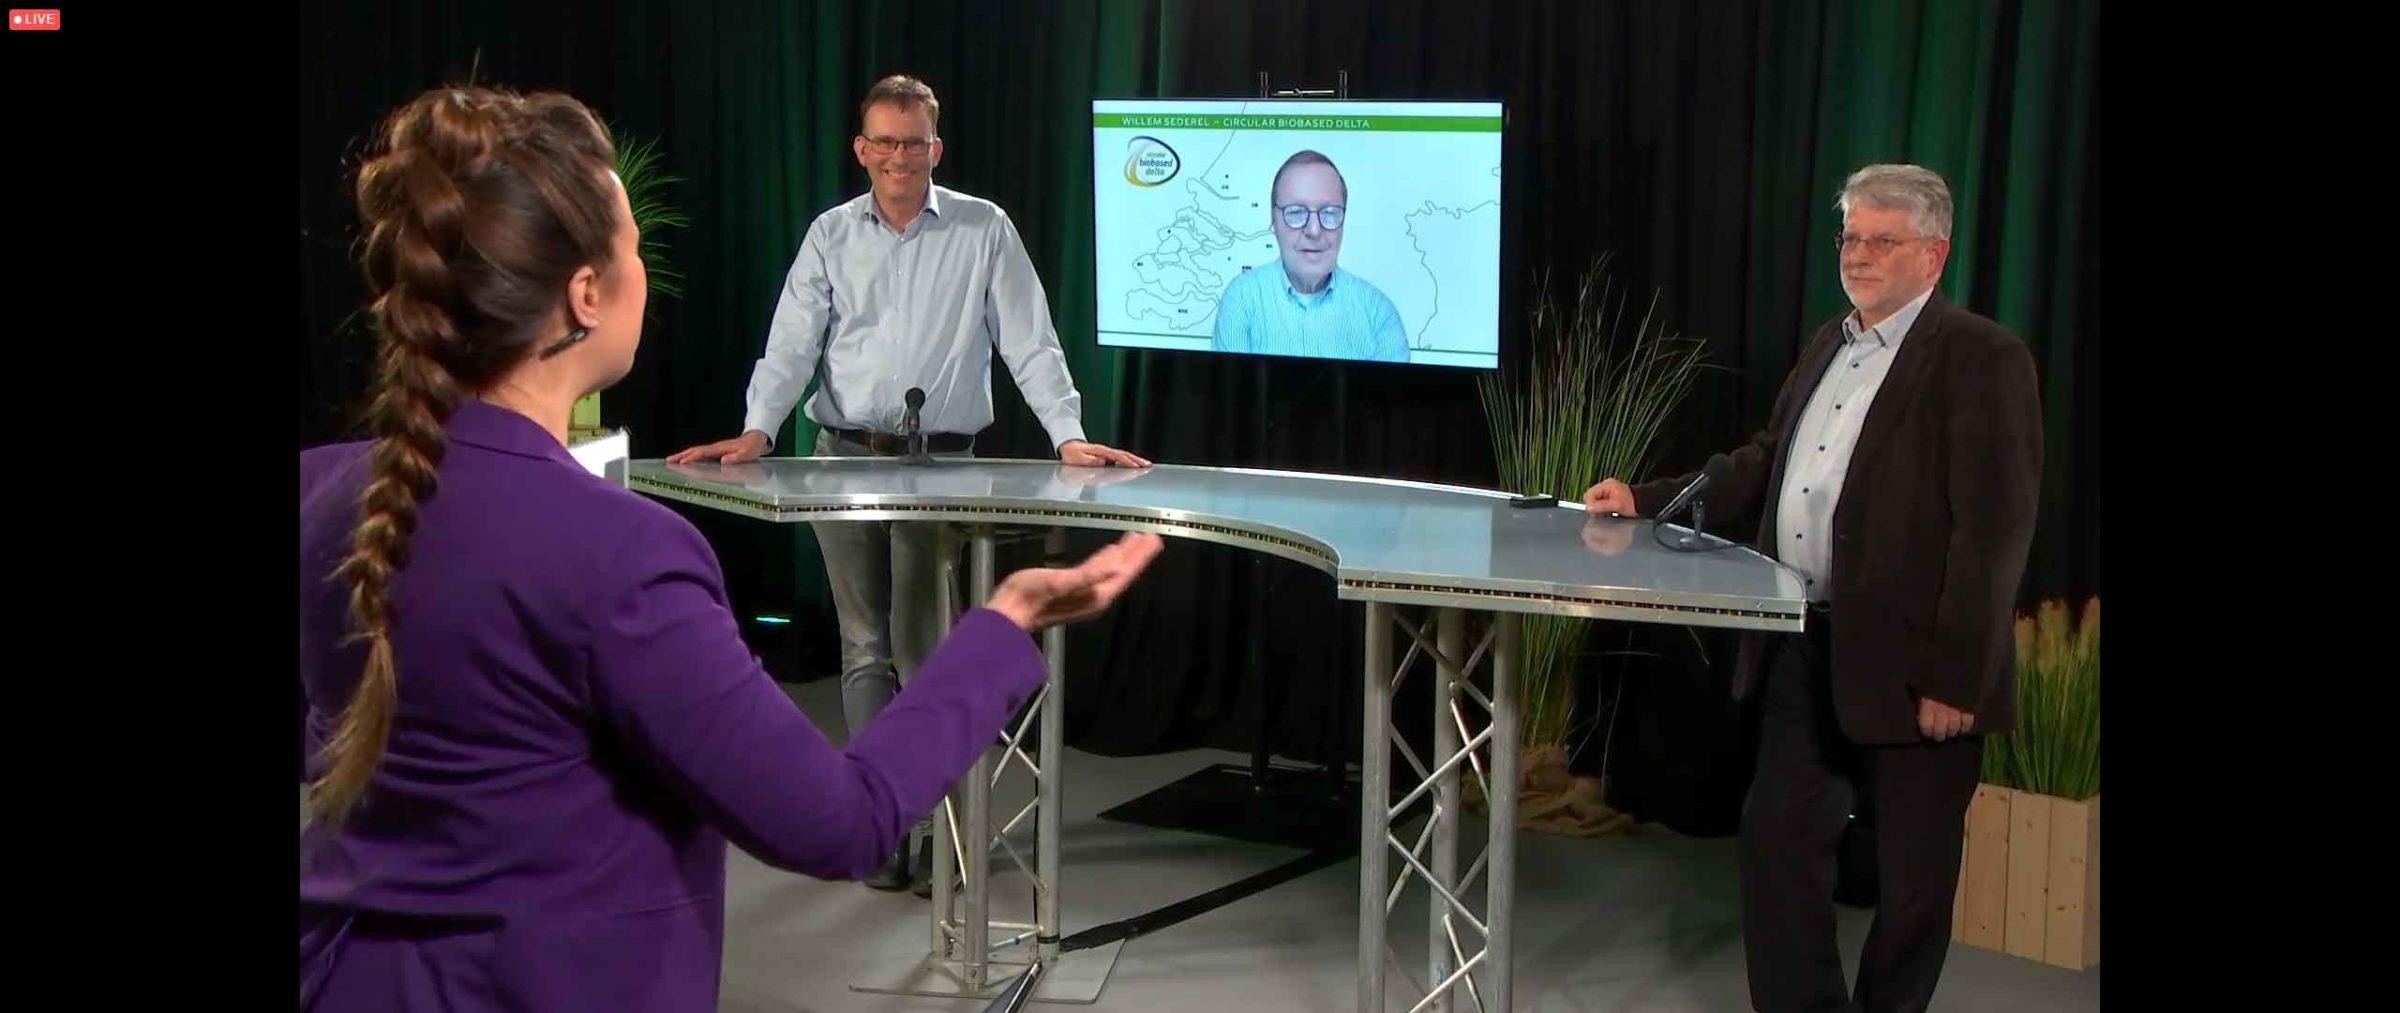 Willem Sederel on screen between Chris de Visser (l) and Hans van Klink (r)